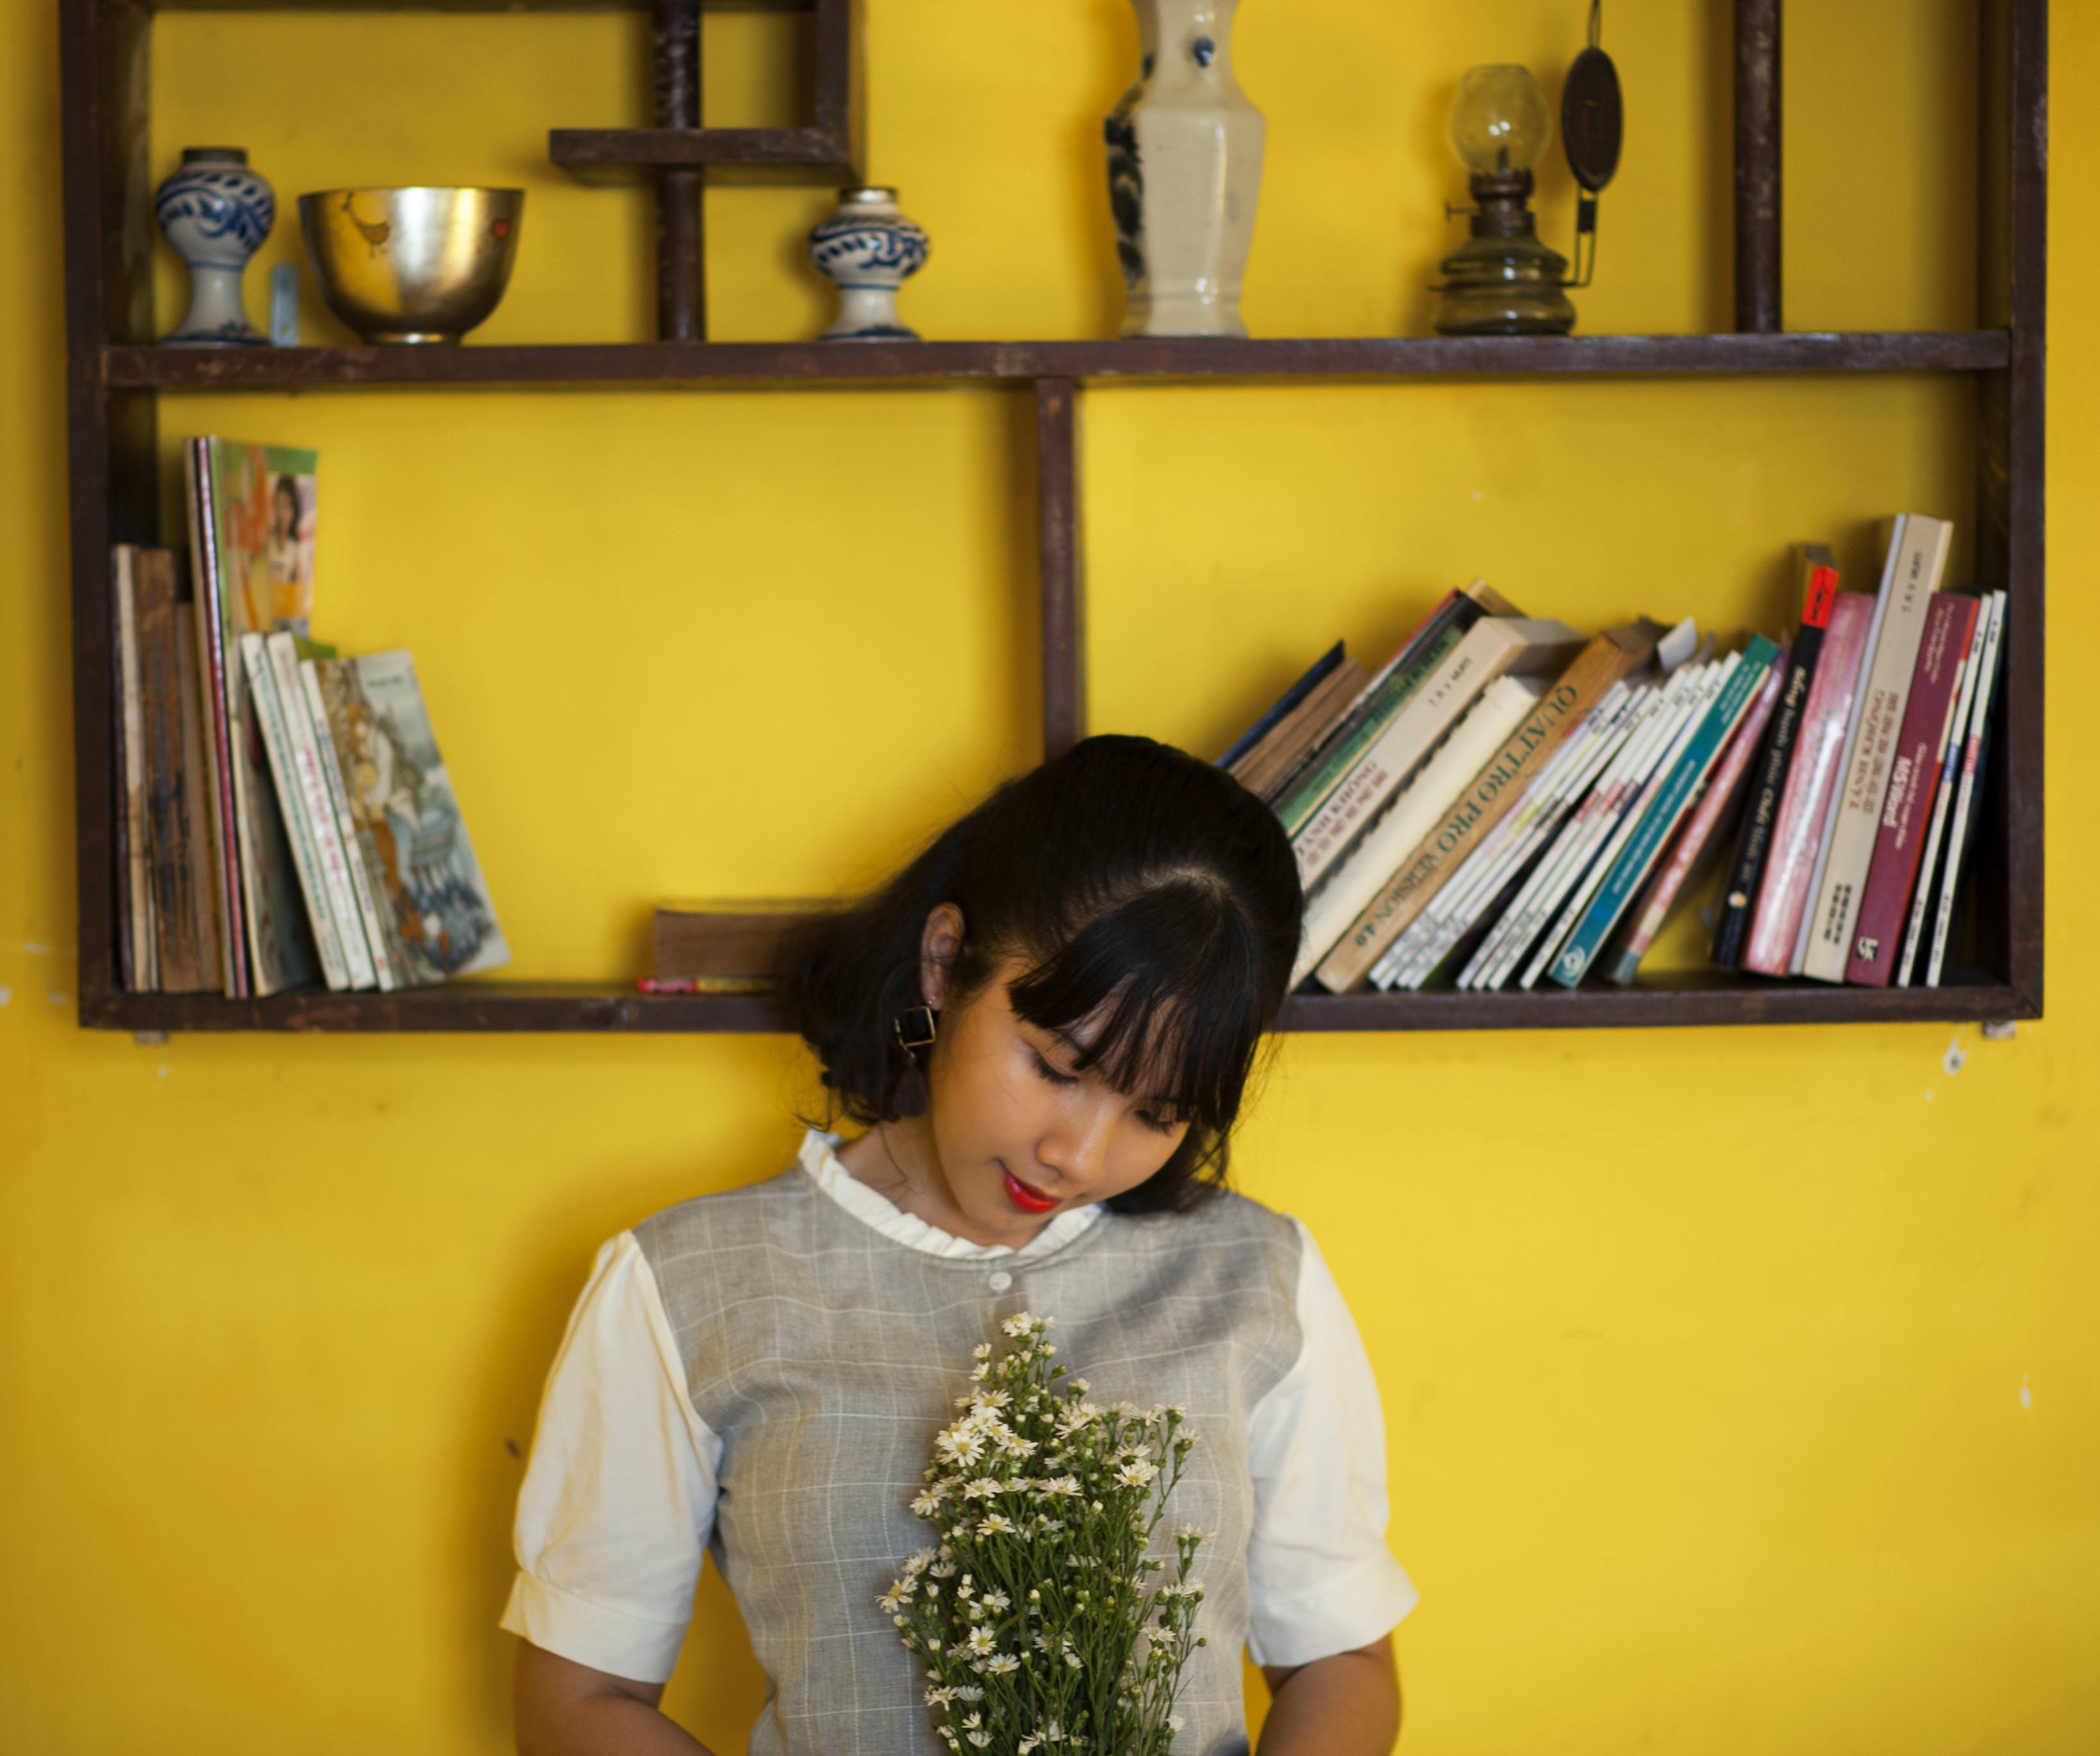 圖書, 女人, 女士, 女孩 的 免费素材照片